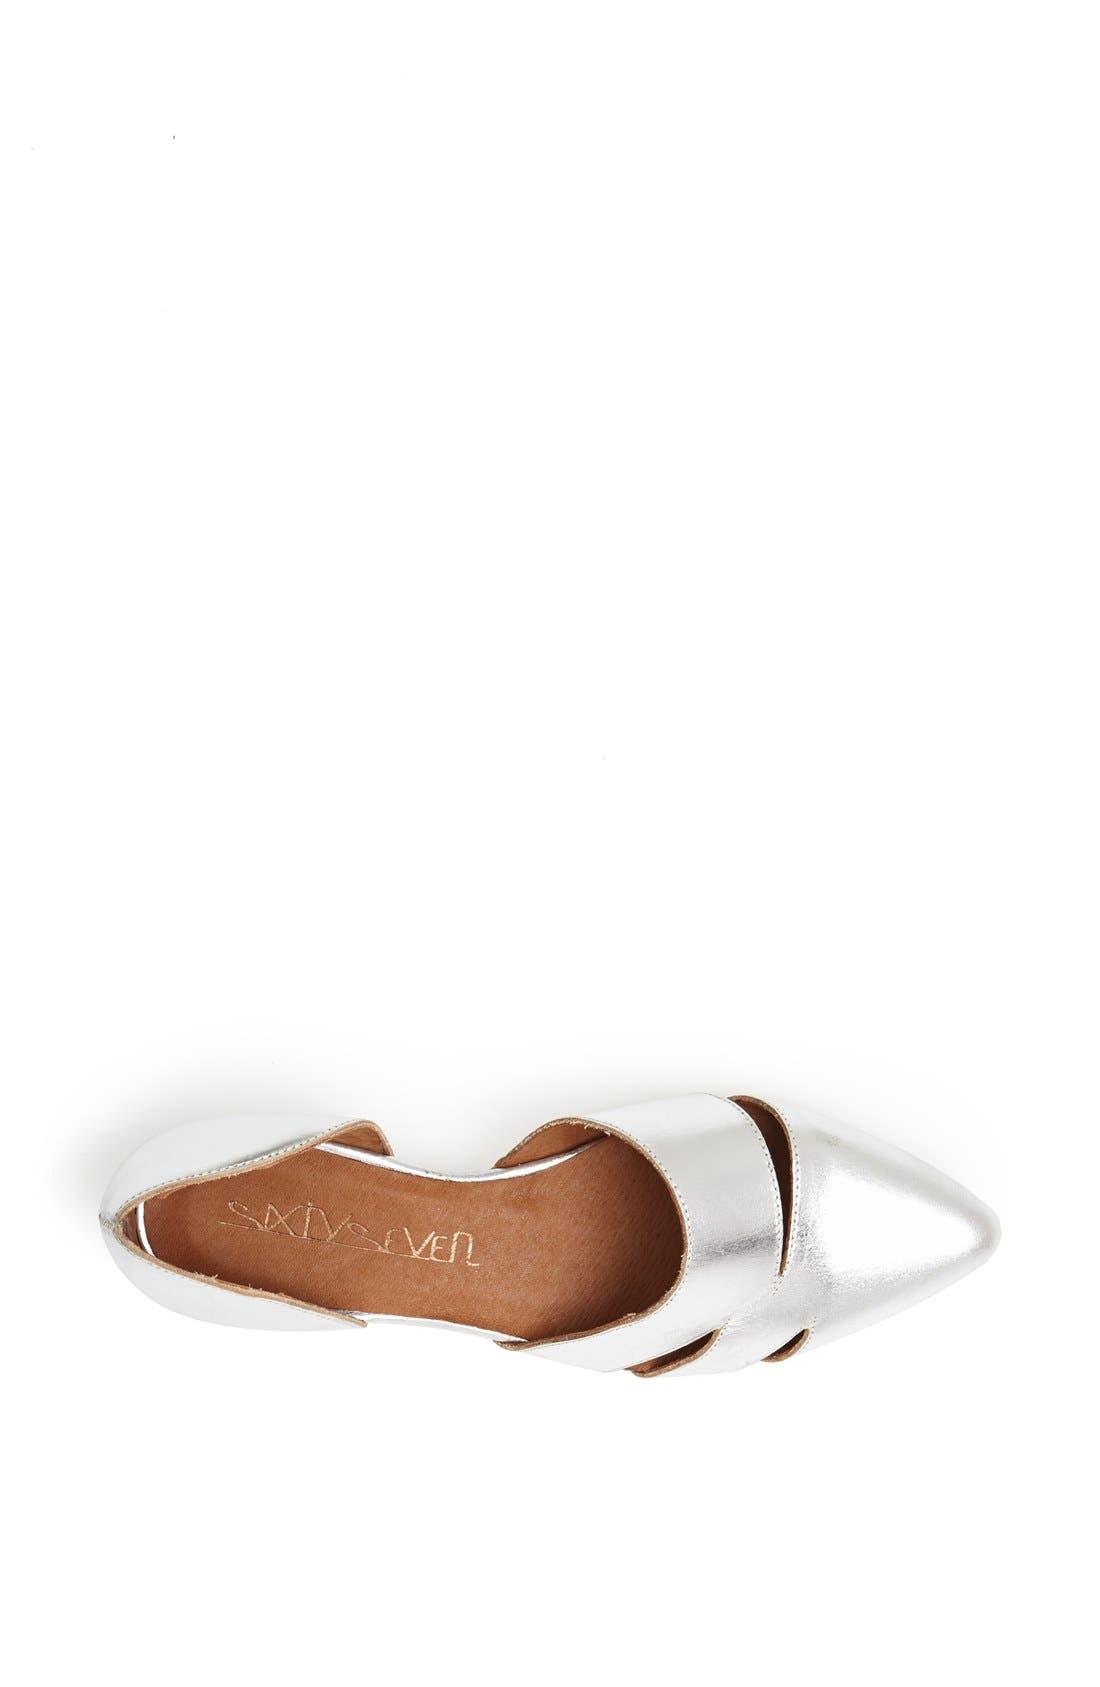 Alternate Image 3  - SIXTYSEVEN 'Erika' Pointy Toe Flat